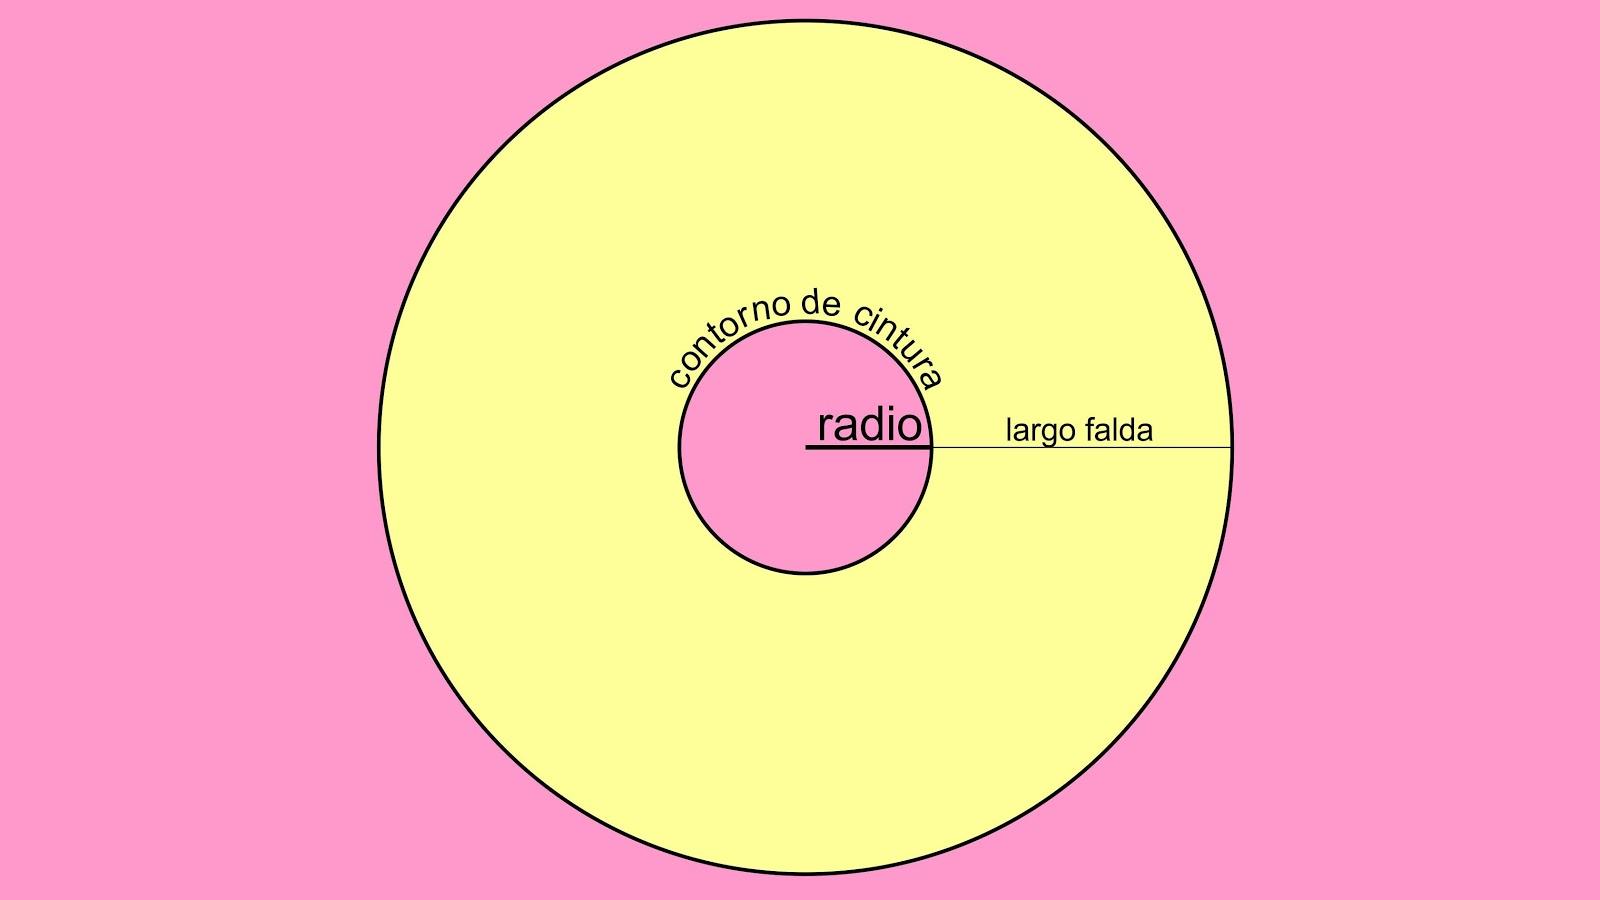 Radio de cintura Falda Plato o Circular 439f8b7ef085